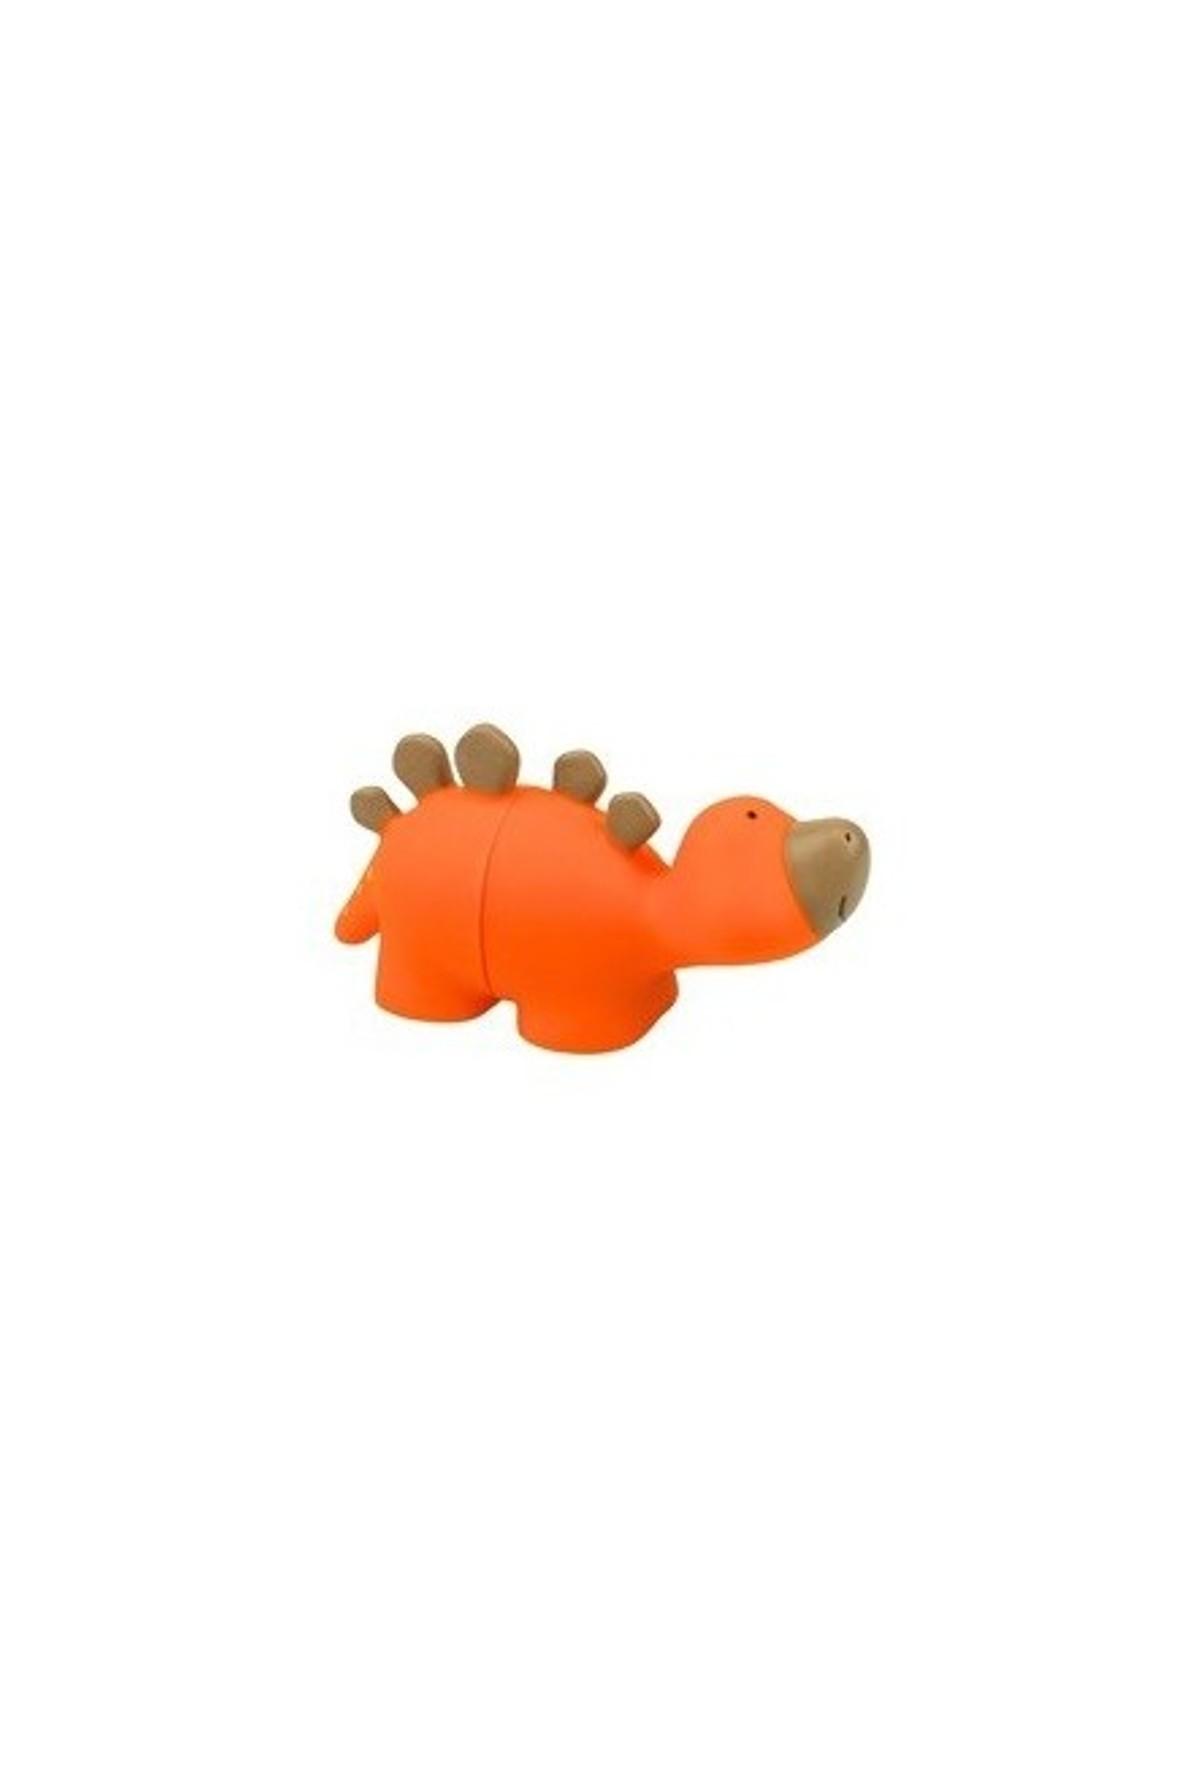 Klocki Popboblocs - dinozaur pomarańczowy